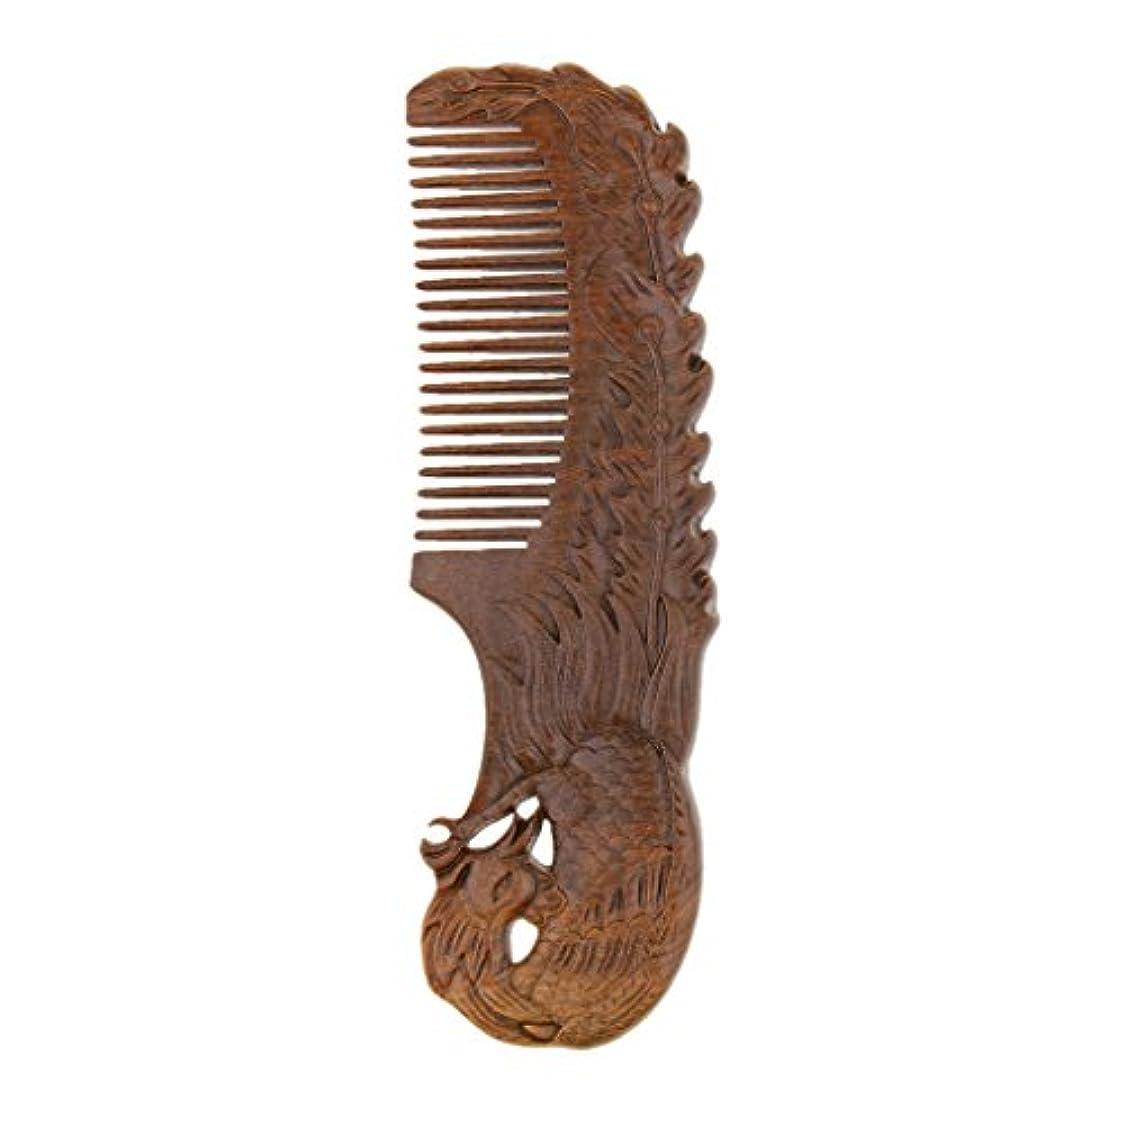 王子傷つきやすい不快なPerfeclan ウッドコーム ナチュラル サンダルウッド ワイド歯 ブラシ ヘアスタイリング デタングリングコーム 2タイプ - Phoenix